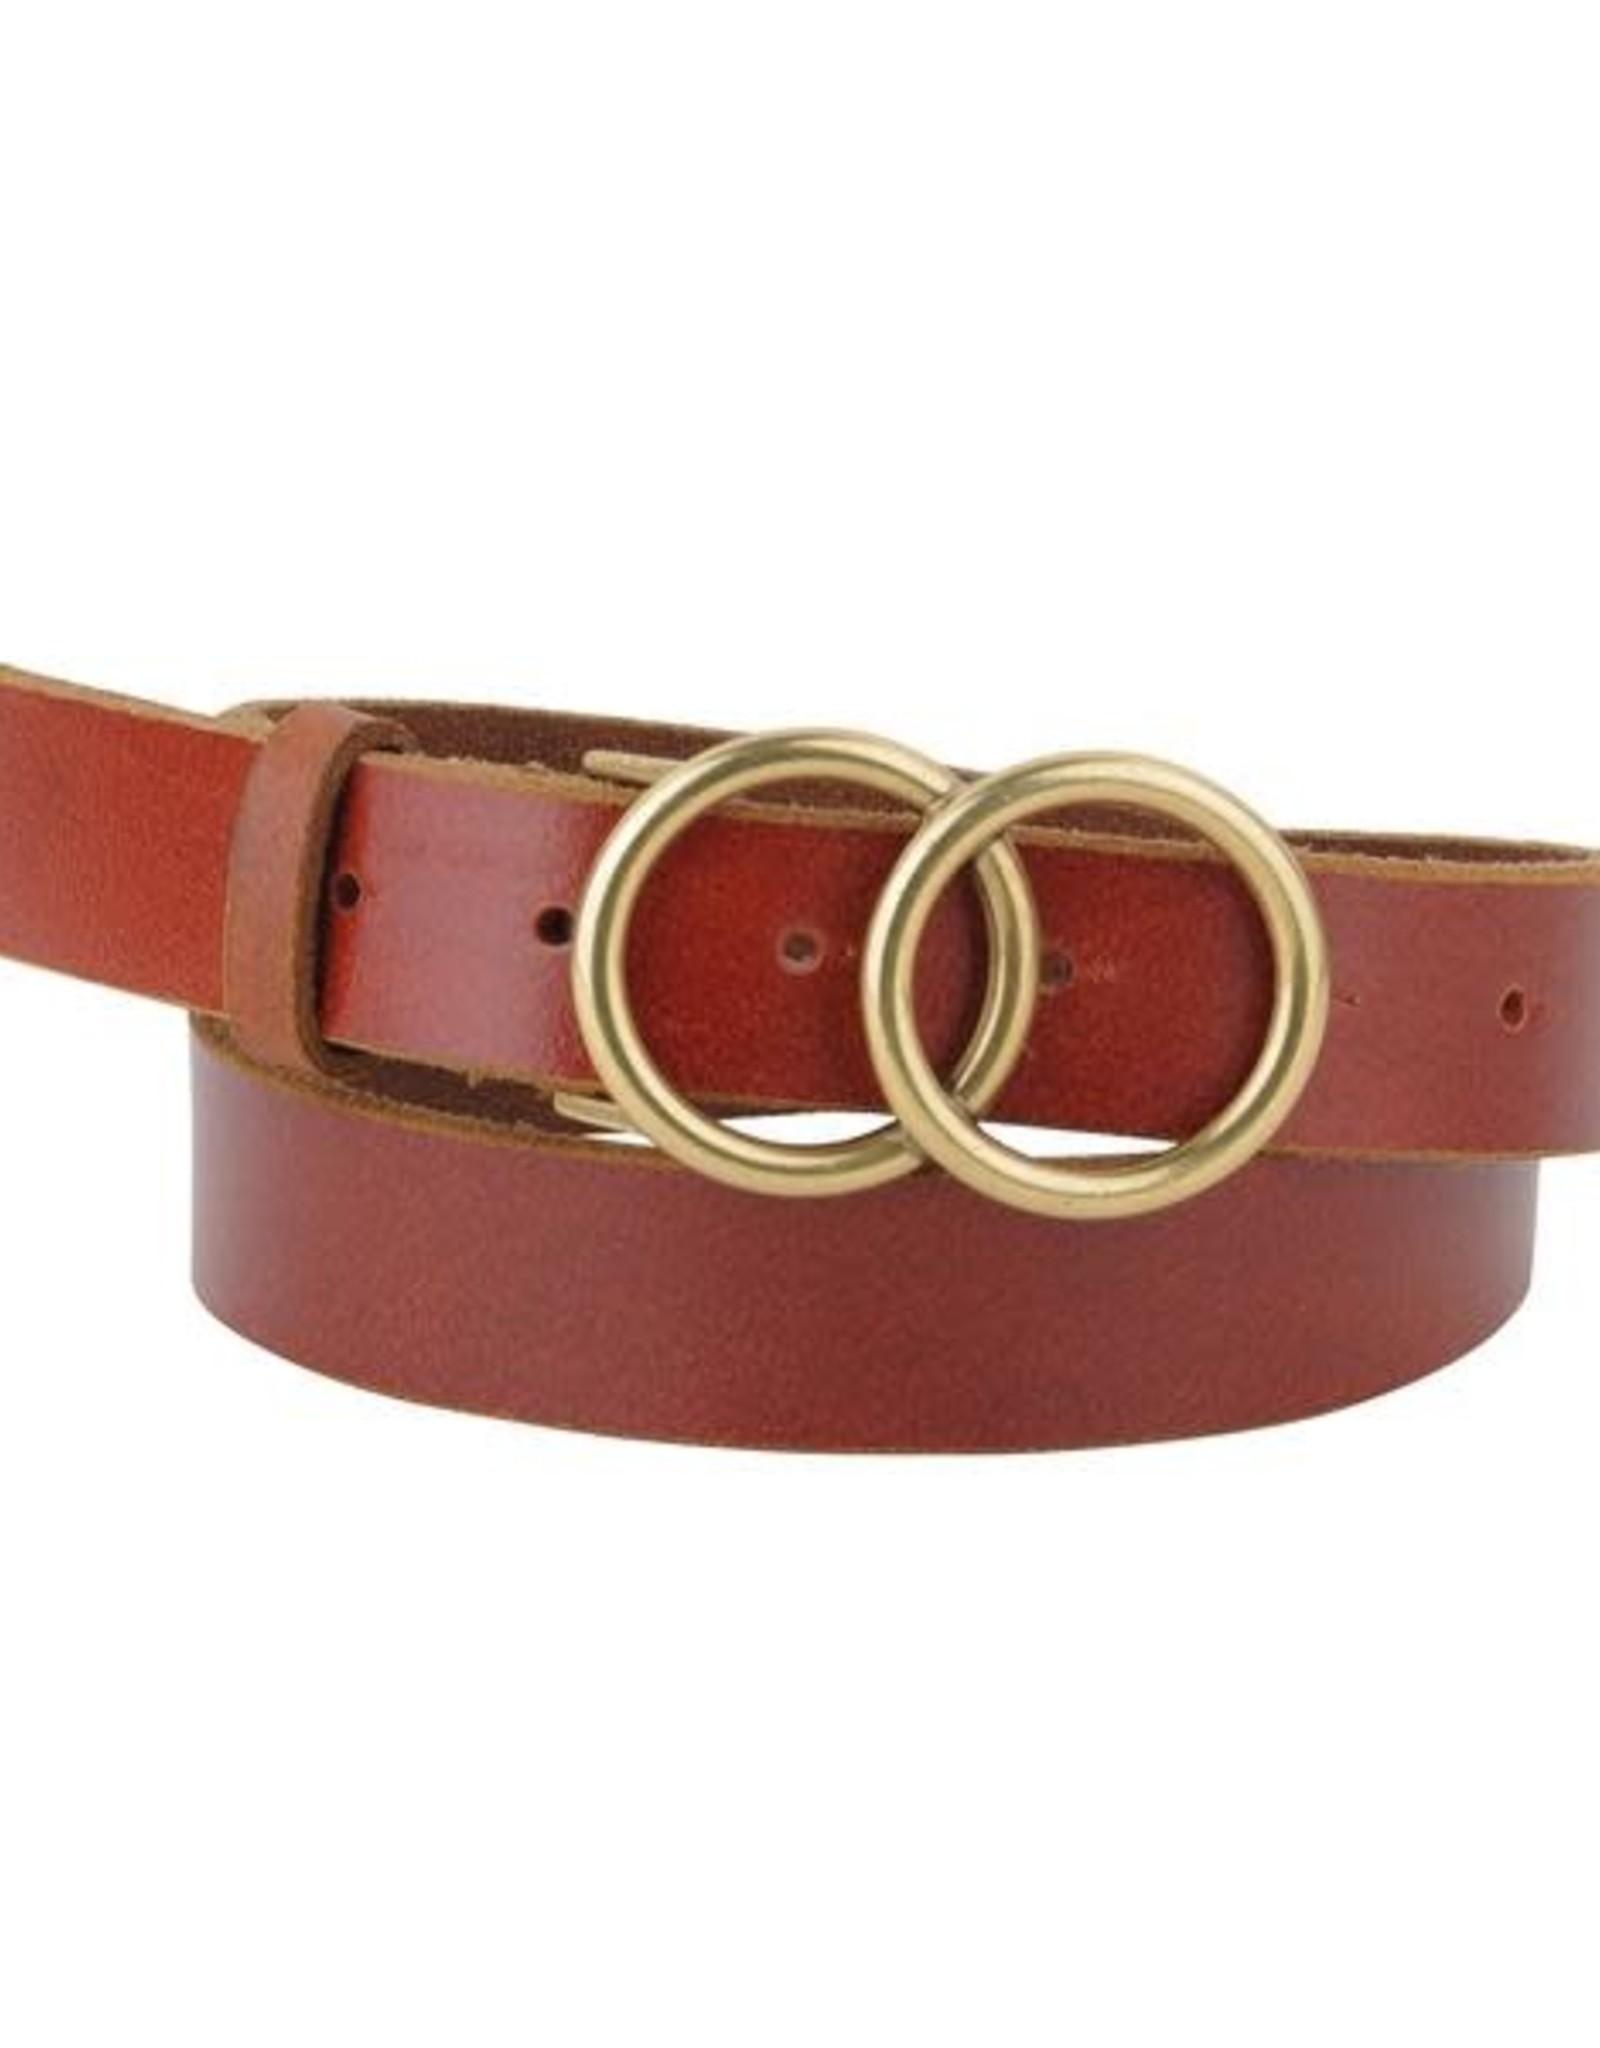 - Cognac Double Circle Buckle Leather Belt